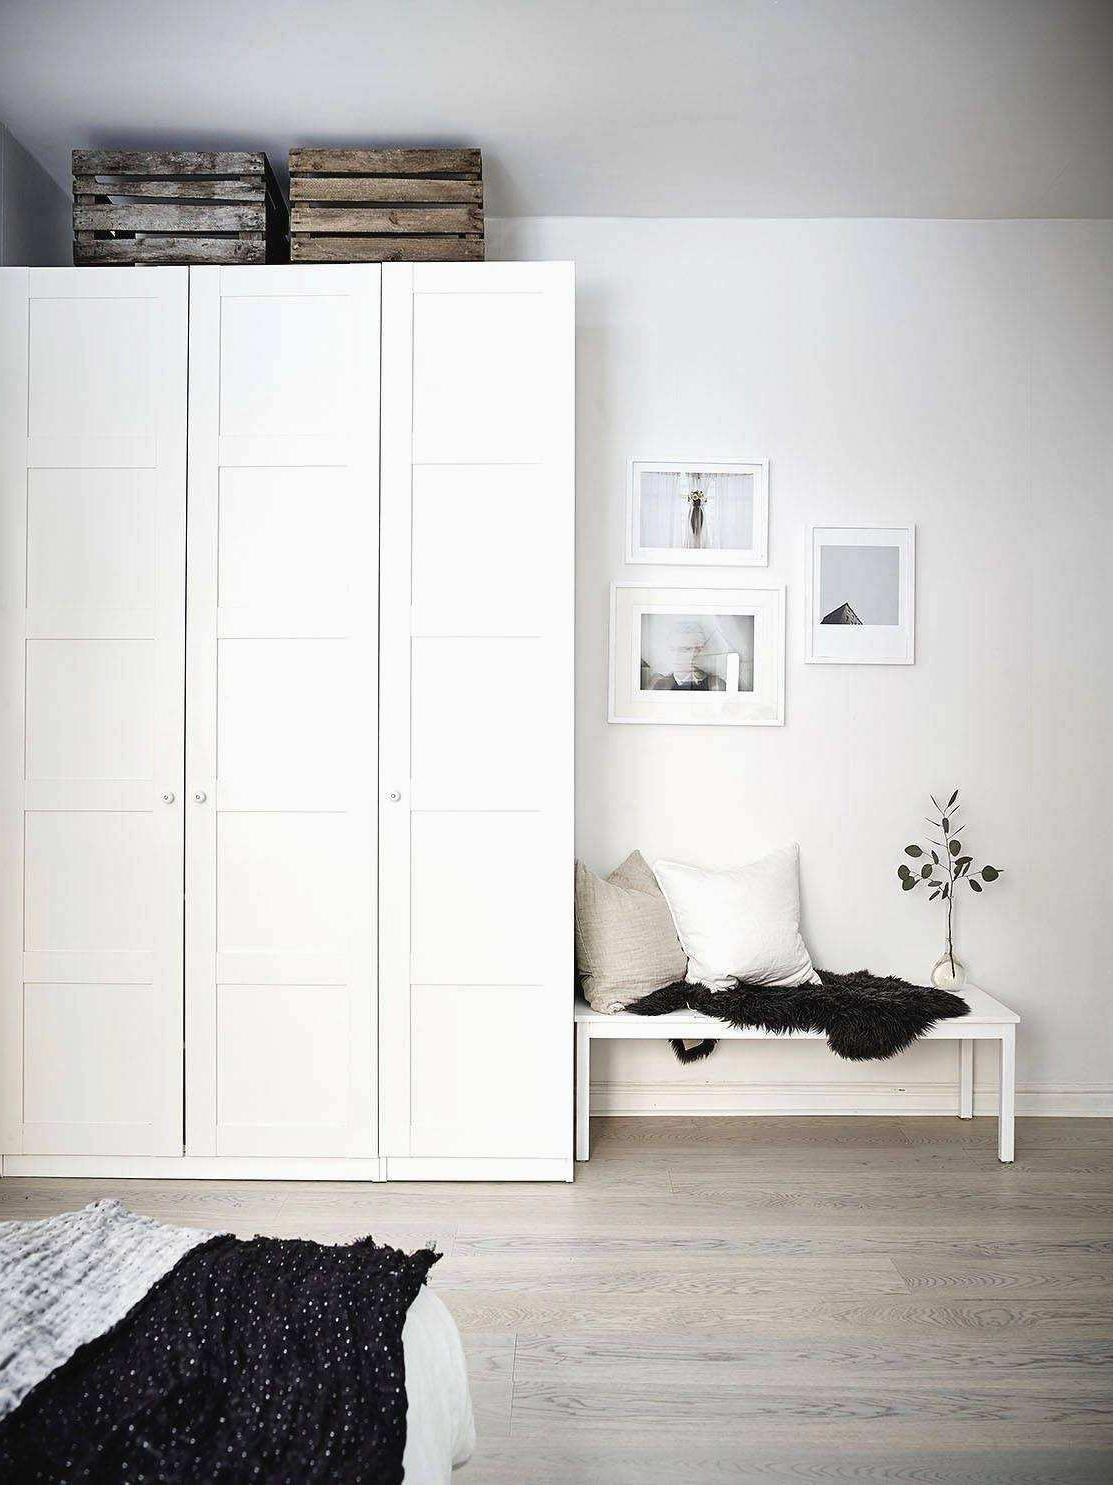 Full Size of Sessel Schlafzimmer 45 Tolle Von Komplett Ikea Planen Ydbh4viq Der Led Deckenleuchte Wandleuchte Luxus Teppich Wohnzimmer Günstig Mit Lattenrost Und Matratze Schlafzimmer Sessel Schlafzimmer